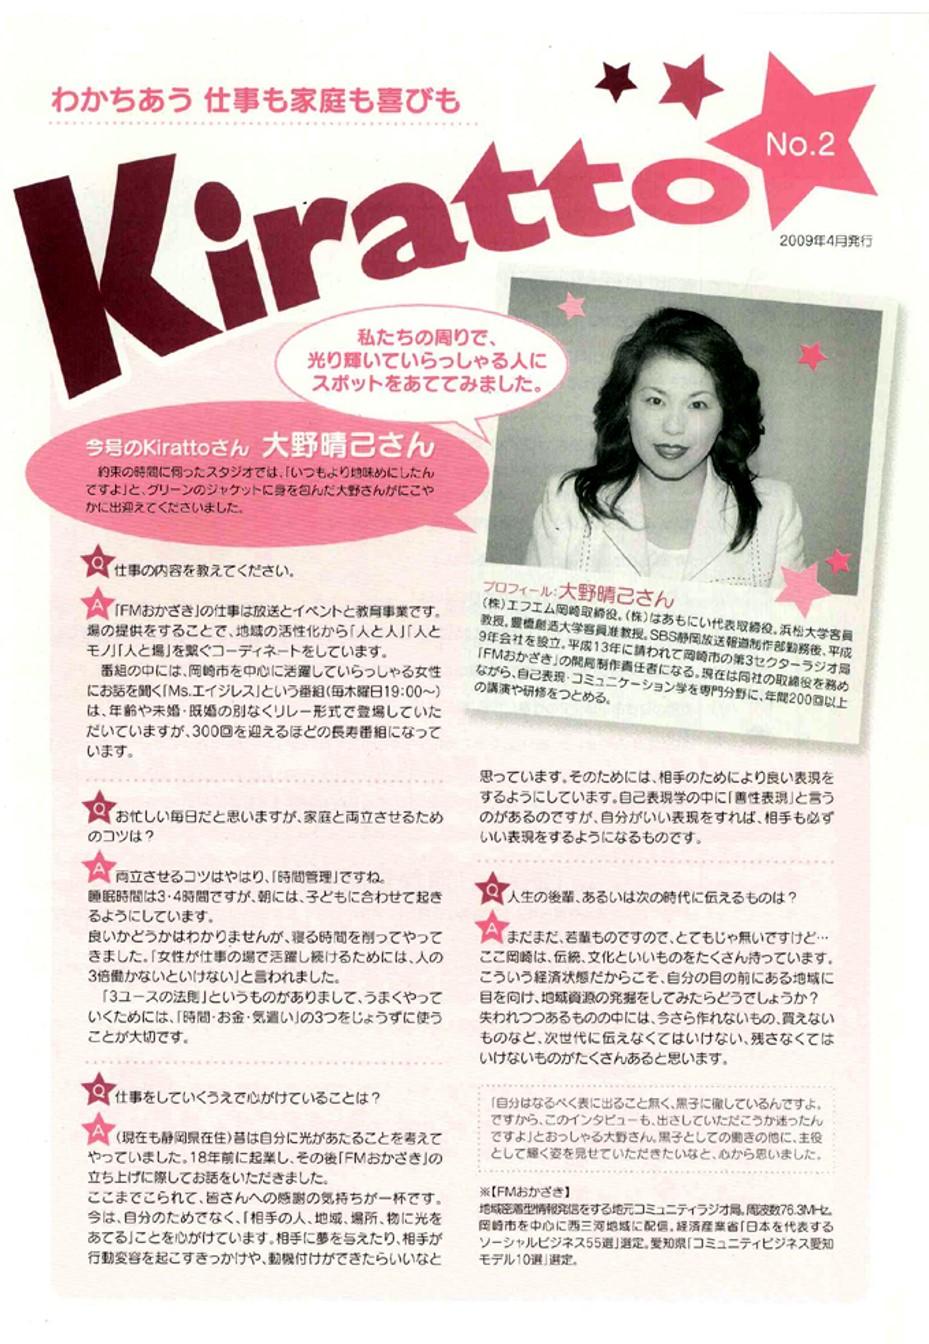 2009年4月 岡崎市市民文化部 市民協働推進課 情報誌掲載